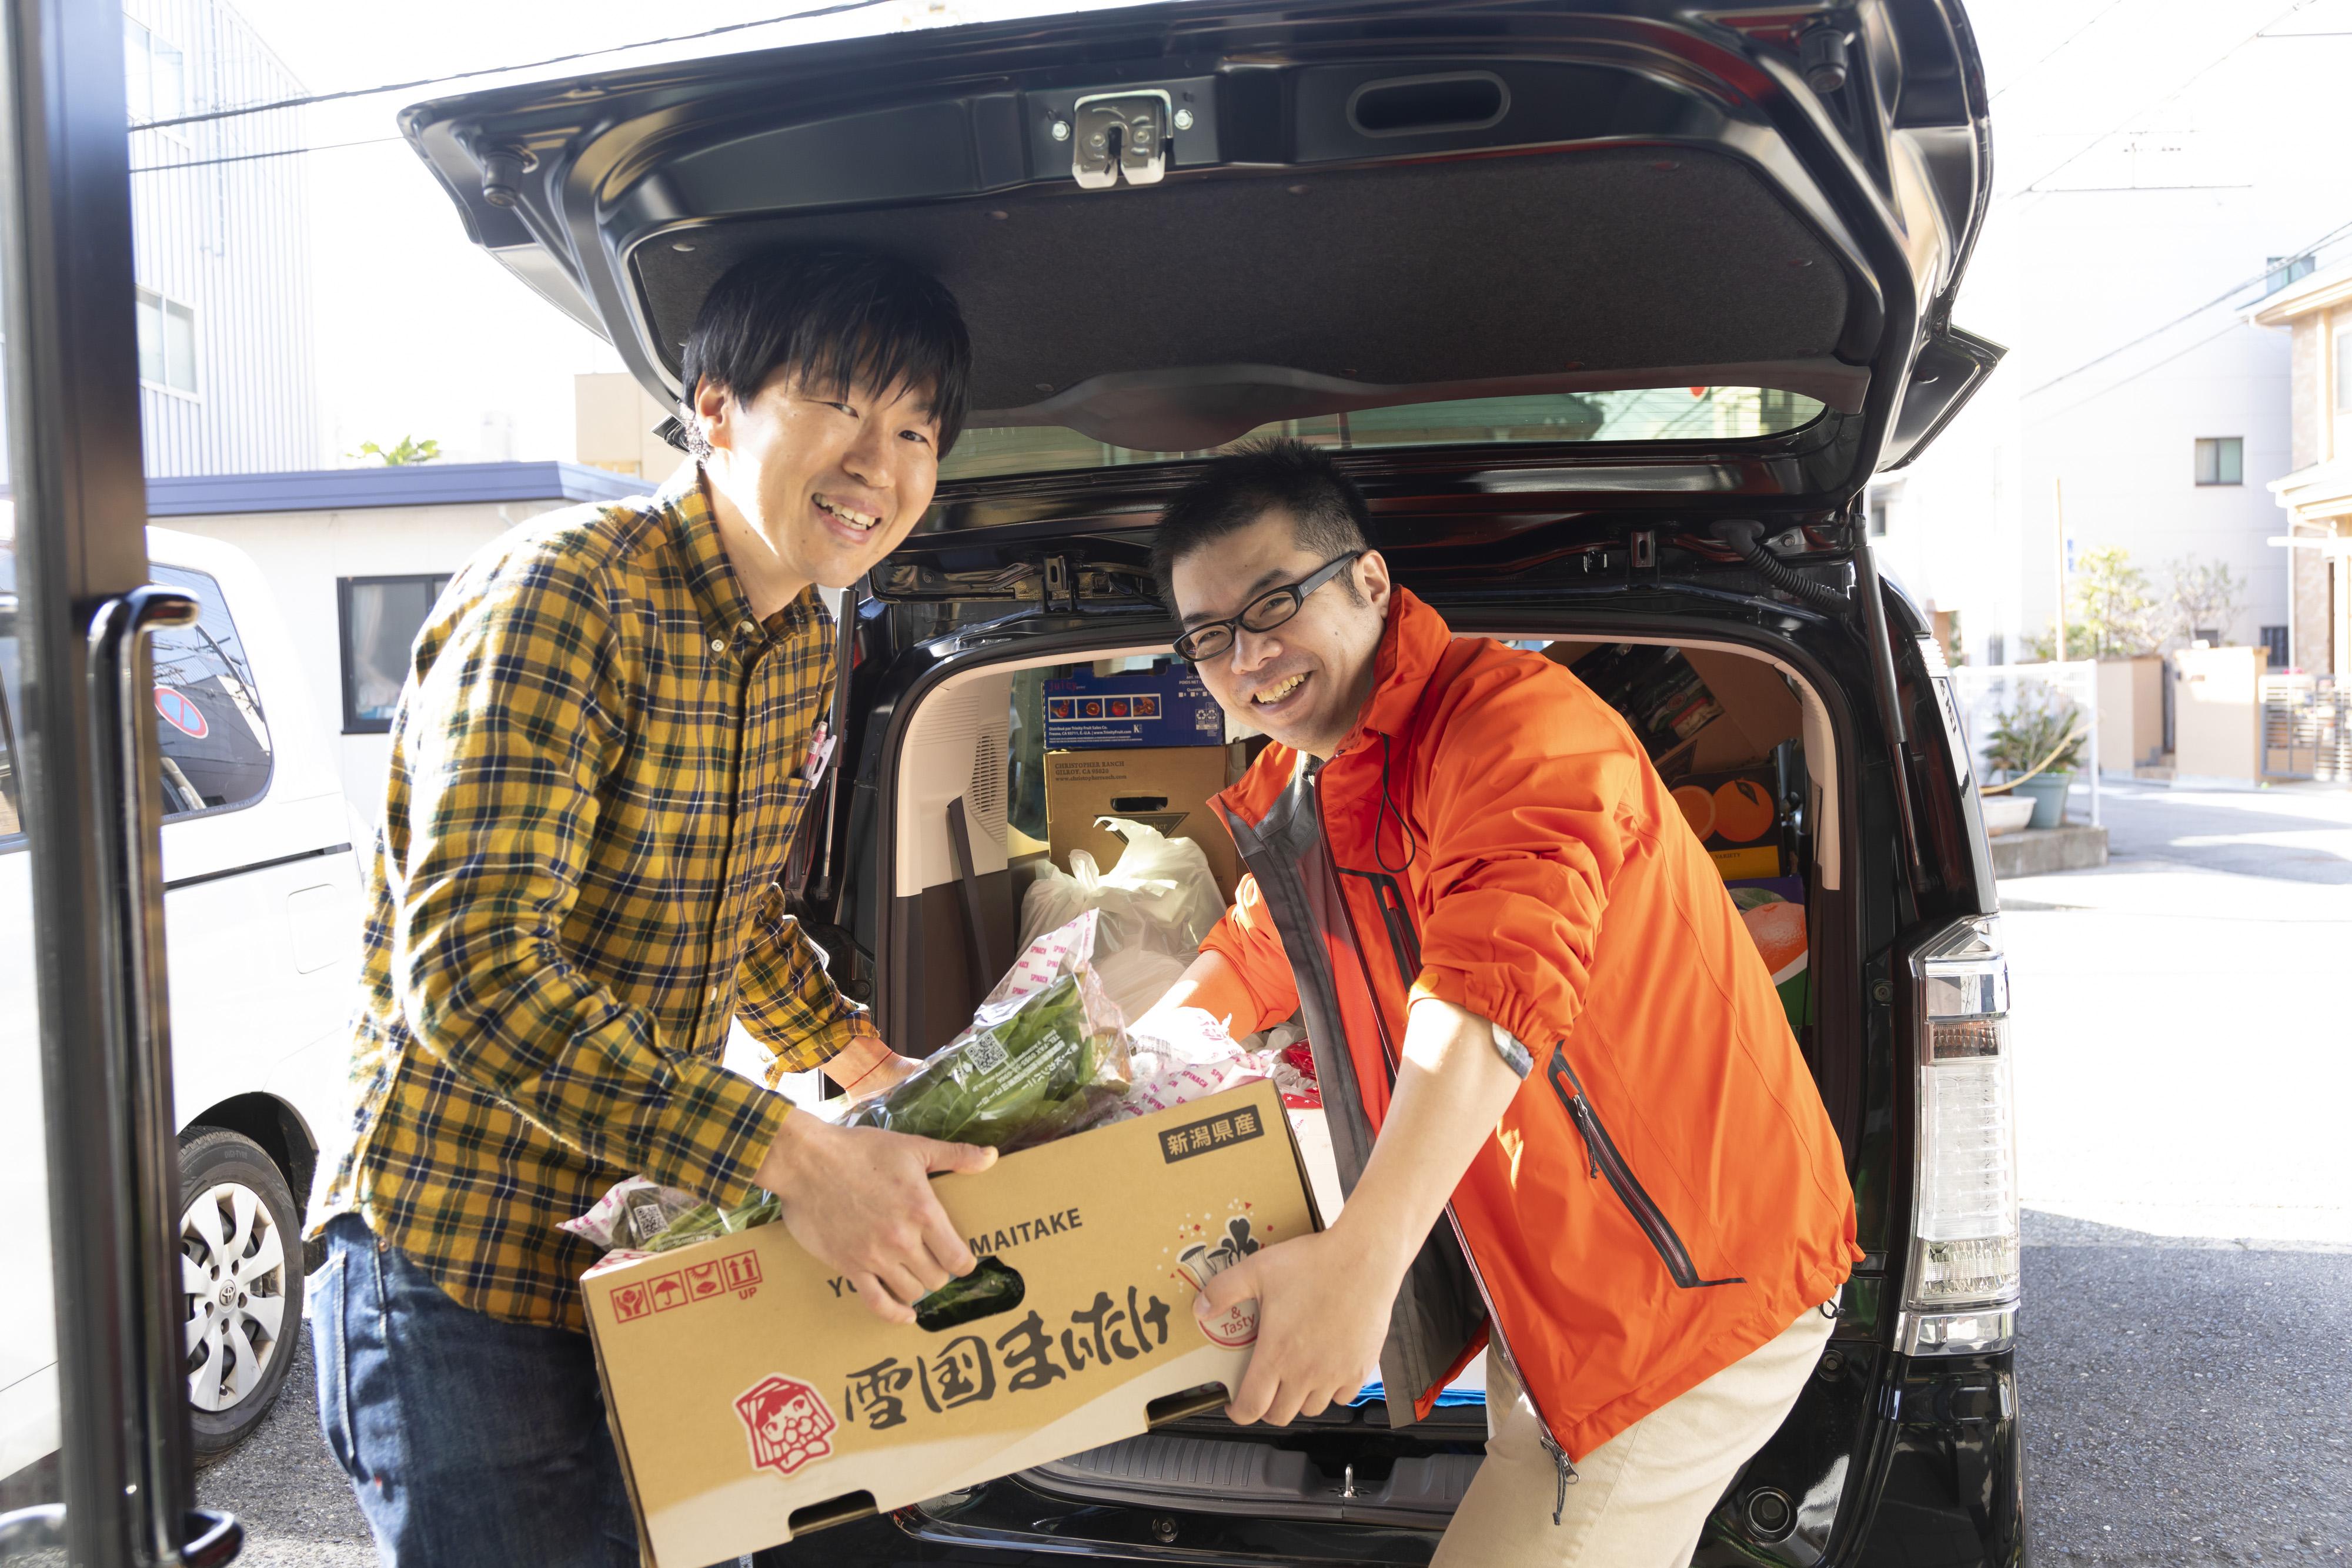 ボランティアが大型量販店からパン野菜果物を引き取って事務所に搬入。